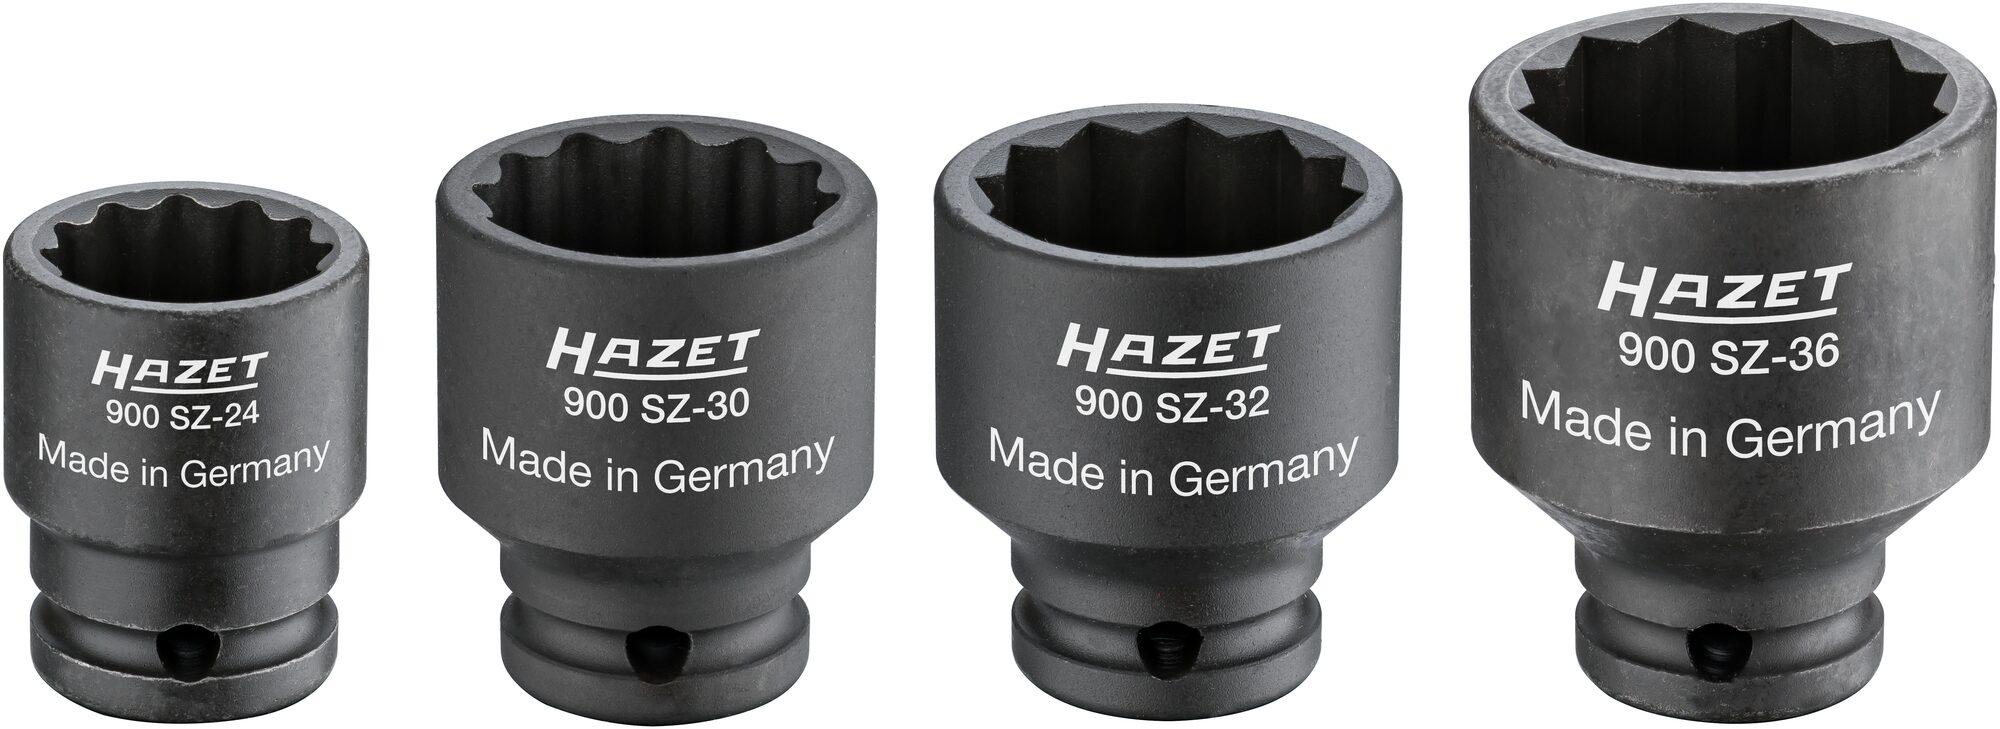 HAZET Antriebs- ∙ Gelenk- ∙ Achswellen-Satz 900SZ/4 ∙ Vierkant hohl 12,5 mm (1/2 Zoll) ∙ 24–36